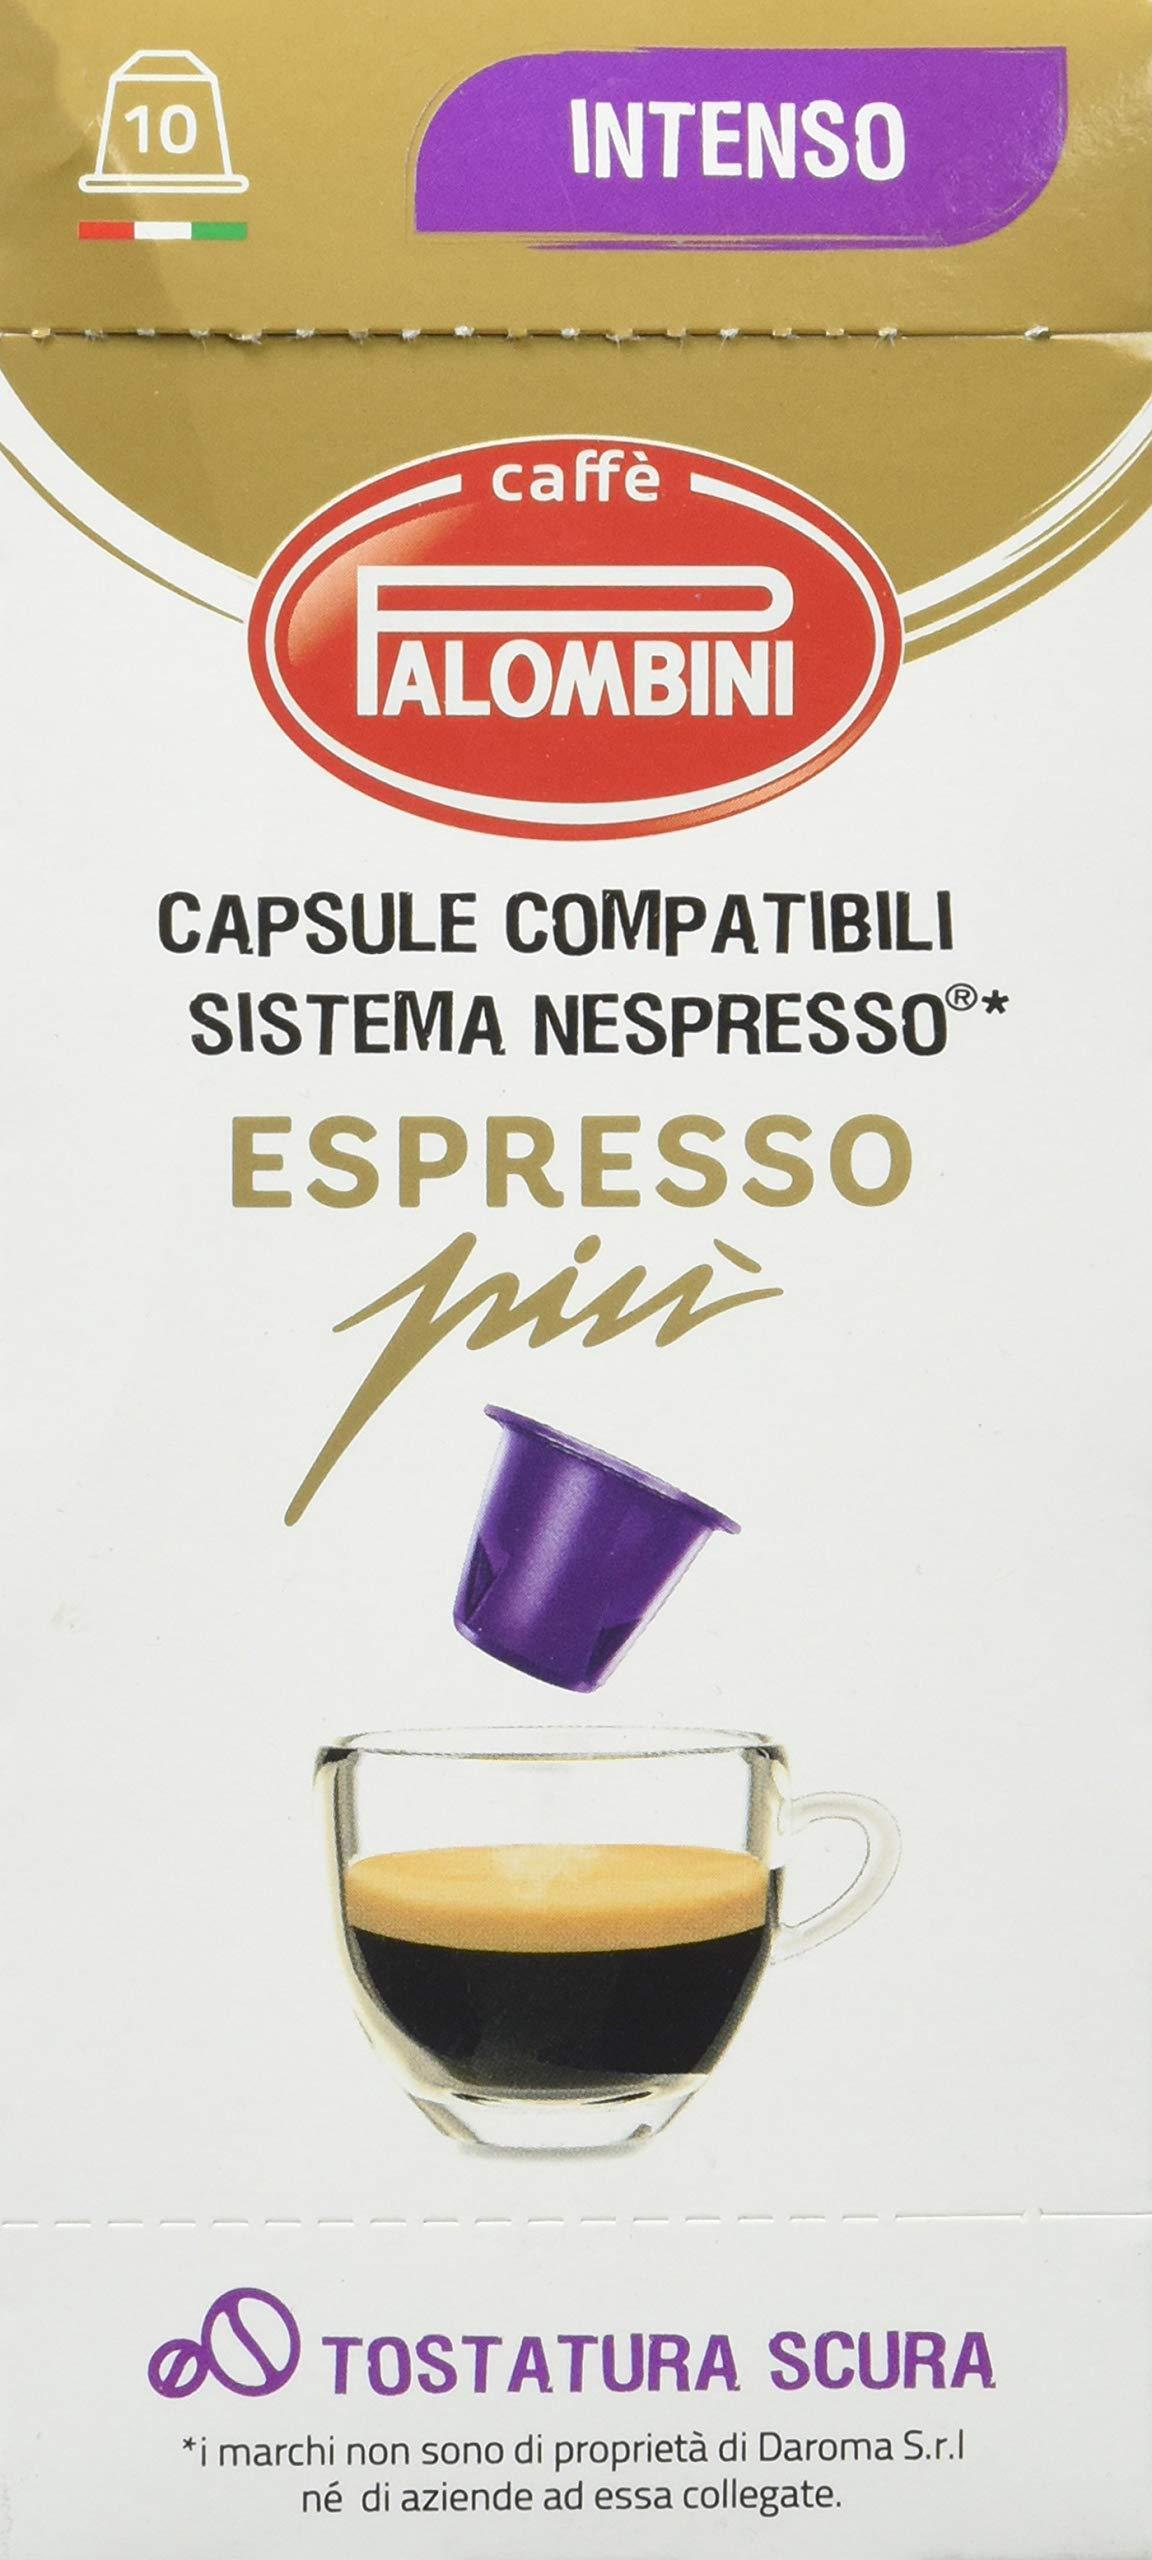 Palombini Capsule Espr.Intenso Pz.10 1 spesavip